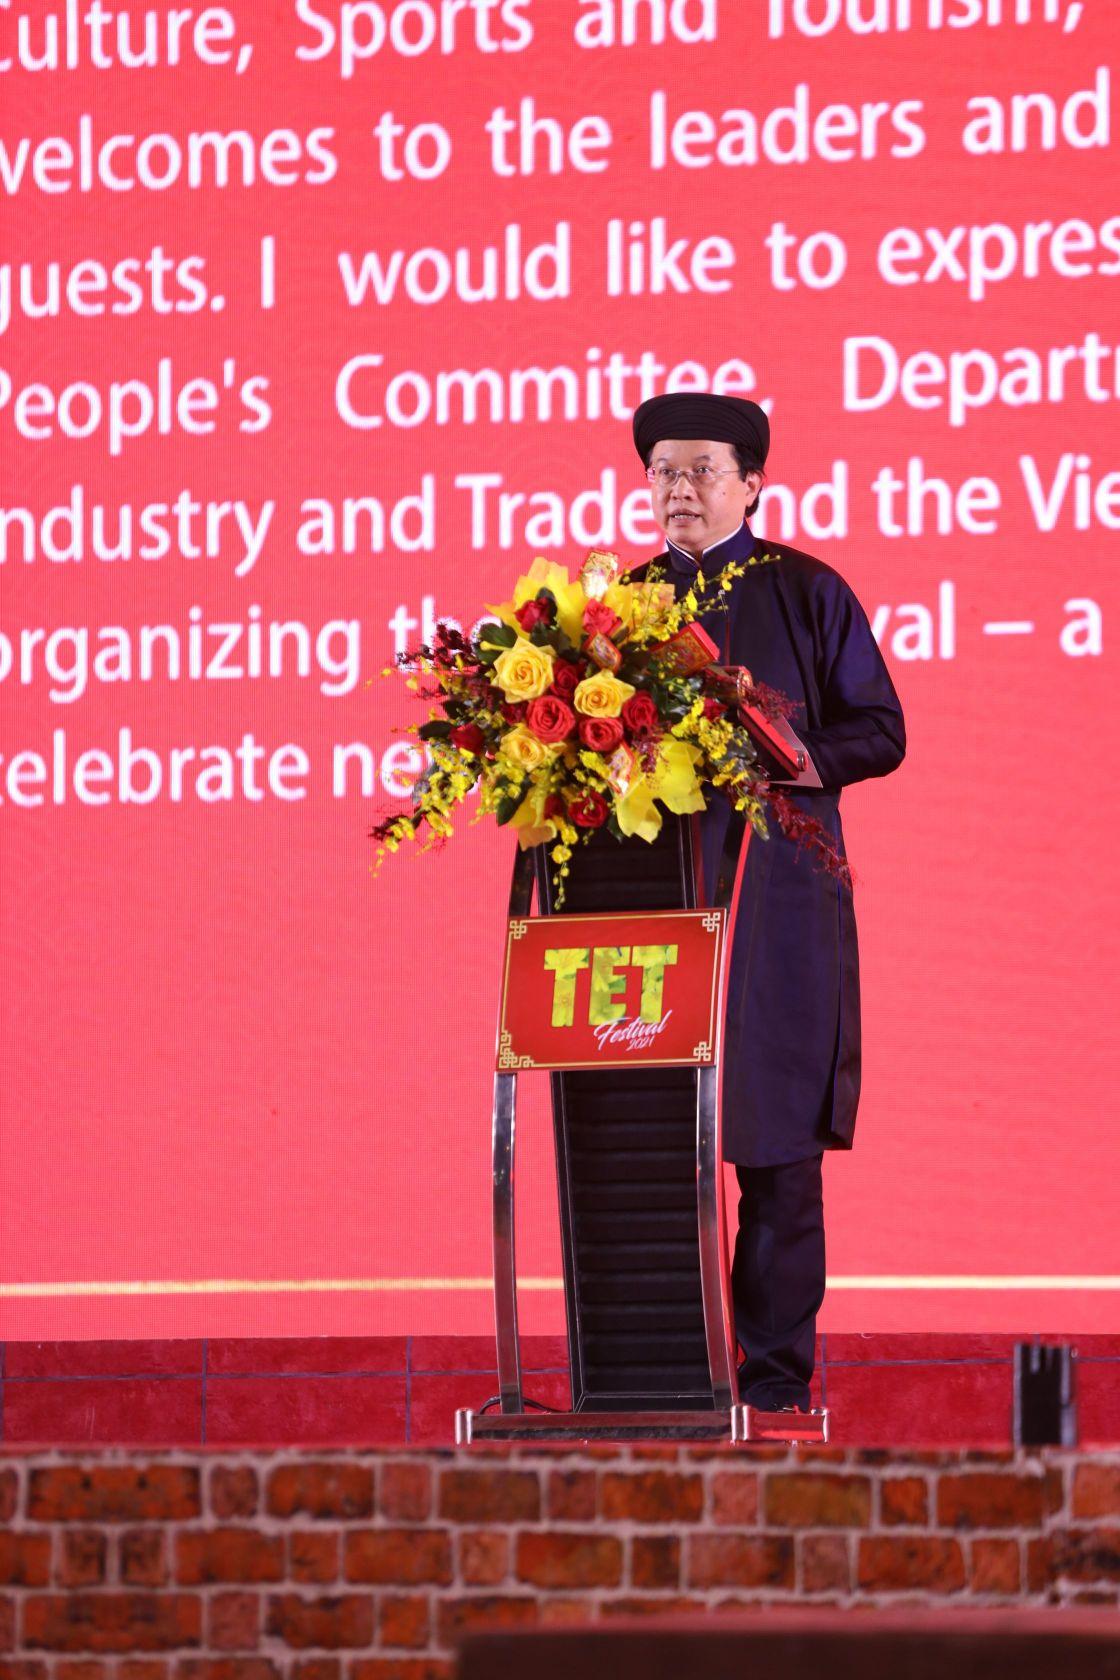 le hoi tet viet 2 Lễ hội Tết Việt 2021 chính thức khai mạc với nhiều hoạt động thú vị